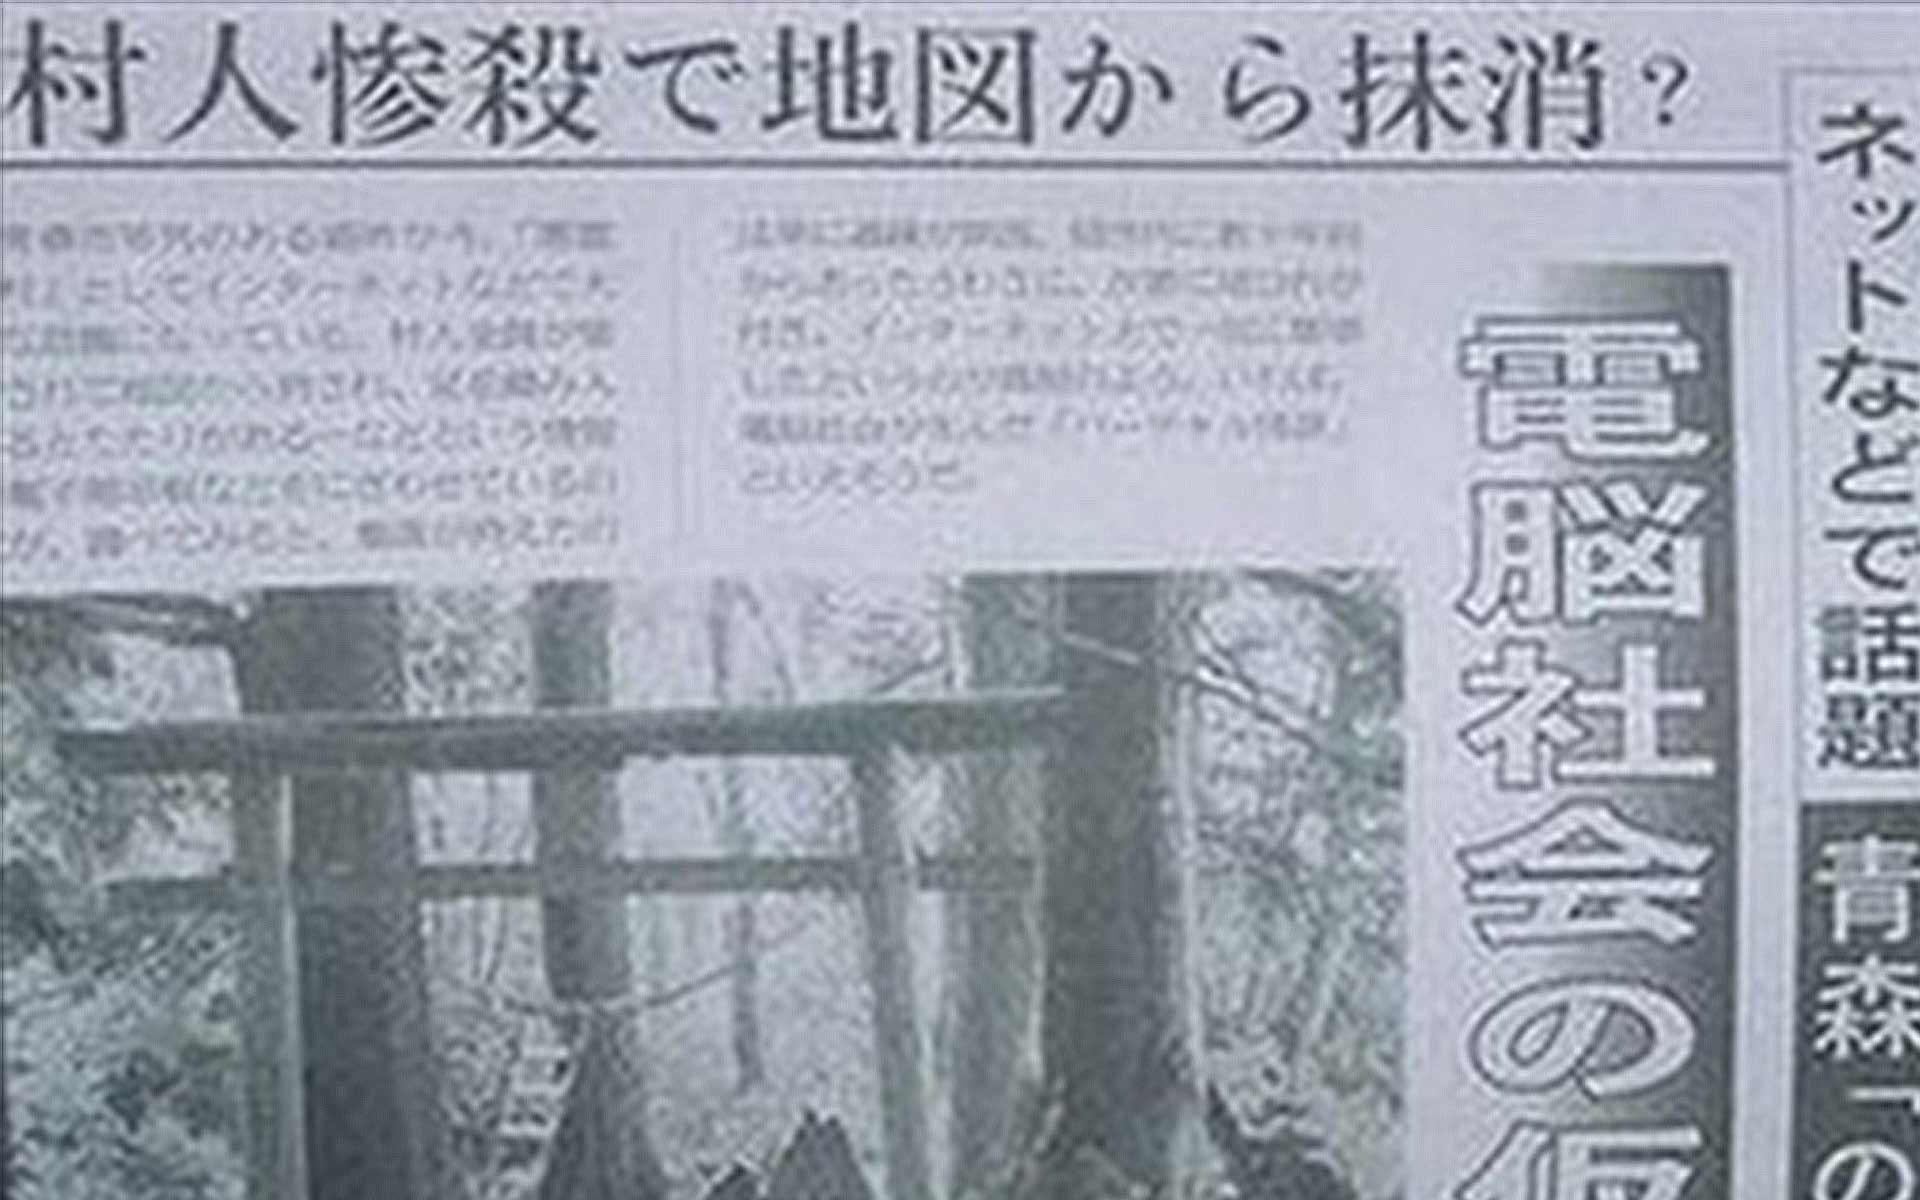 【シリーズ・都市伝説】地図から消えた村…?杉沢村伝説の謎